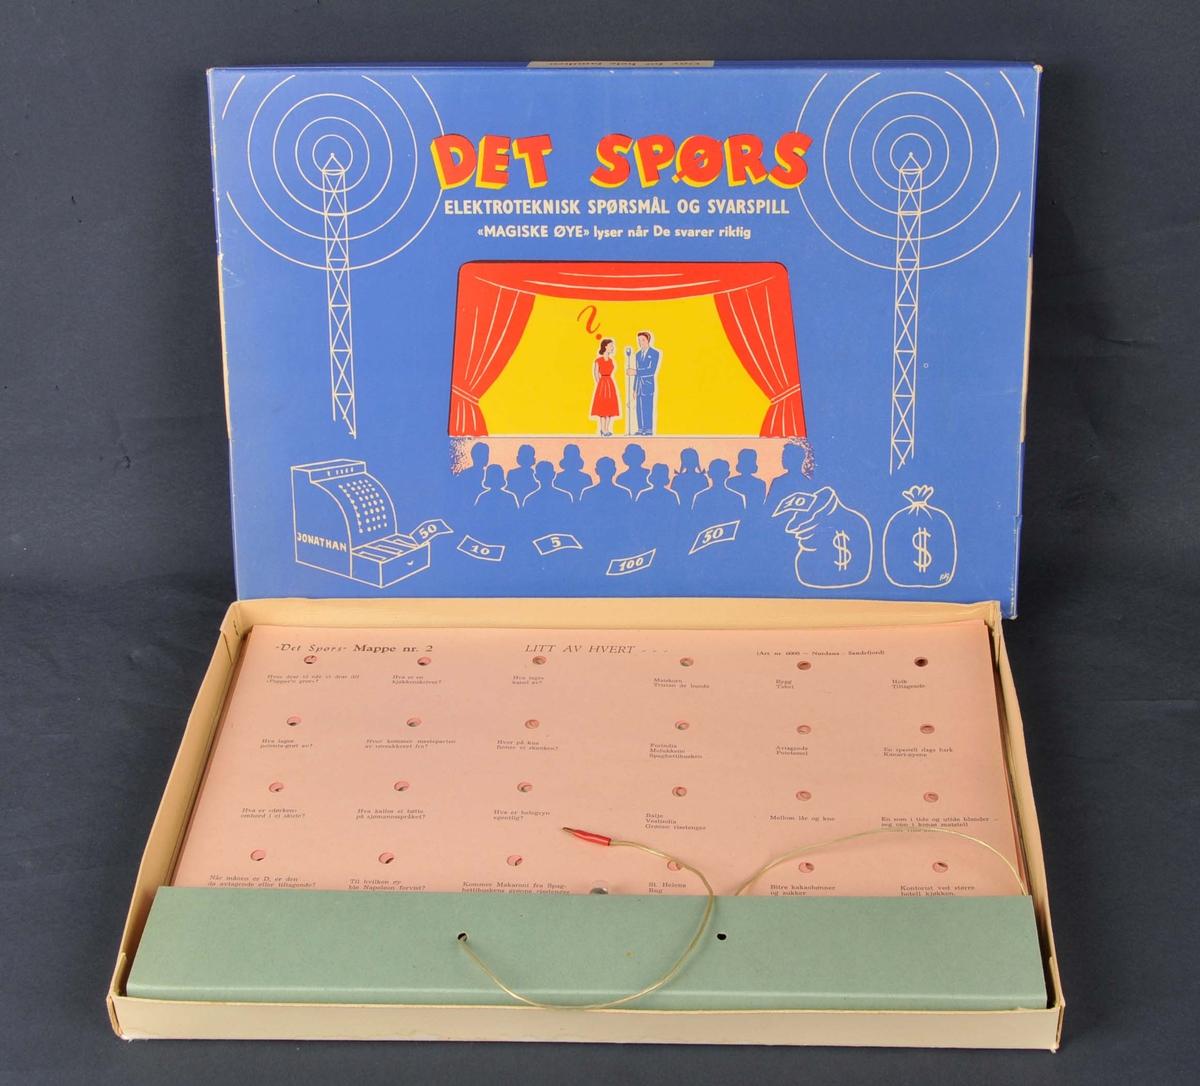 Spørsmål og svarspel. 7 brett med spørsmål. I botnen tynn metallplate. Over kvart av spørsmåla er det eit hol. Nederst på brettet lyspære festa til elektroder. Lampa skal lyse når svaret er rett.